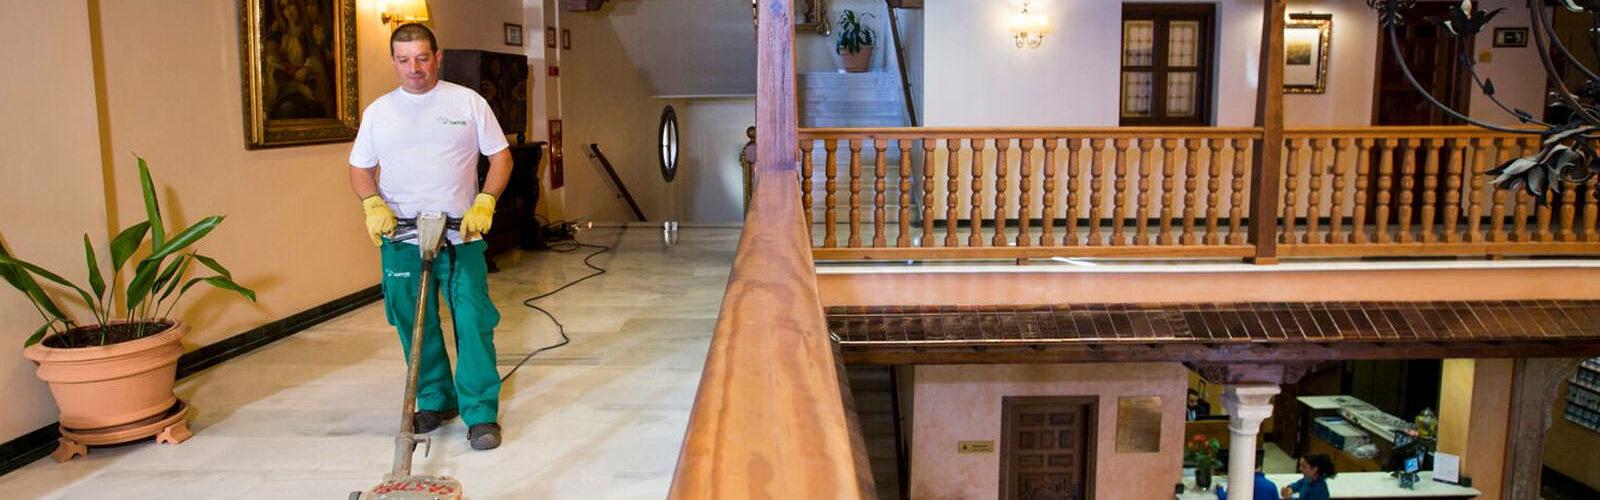 Limpiezas Castor. limpieza-hoteles-granada-1600x500 Limpieza de hoteles en Granada